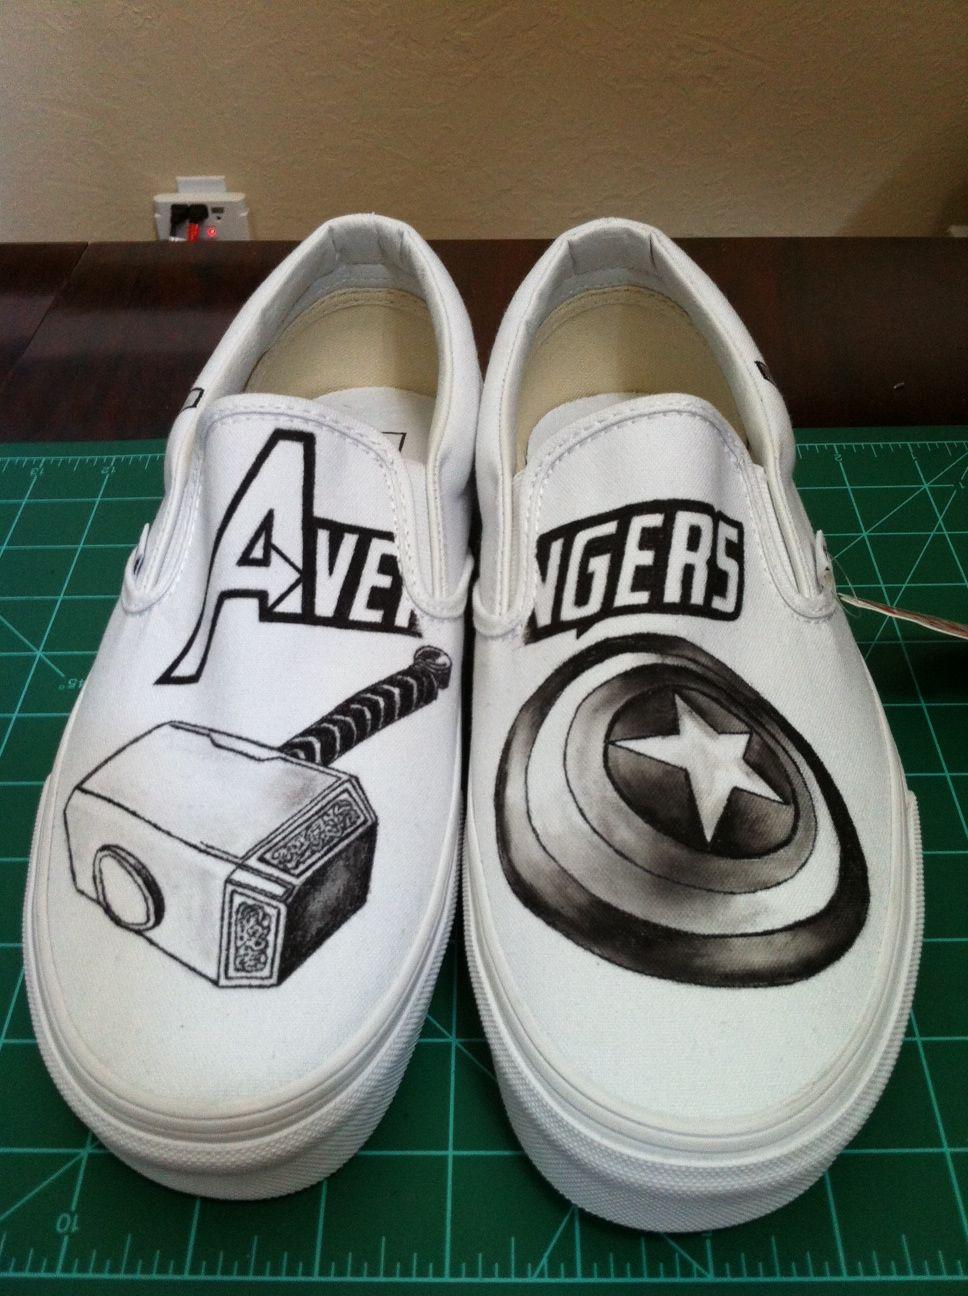 Avengers shoes..